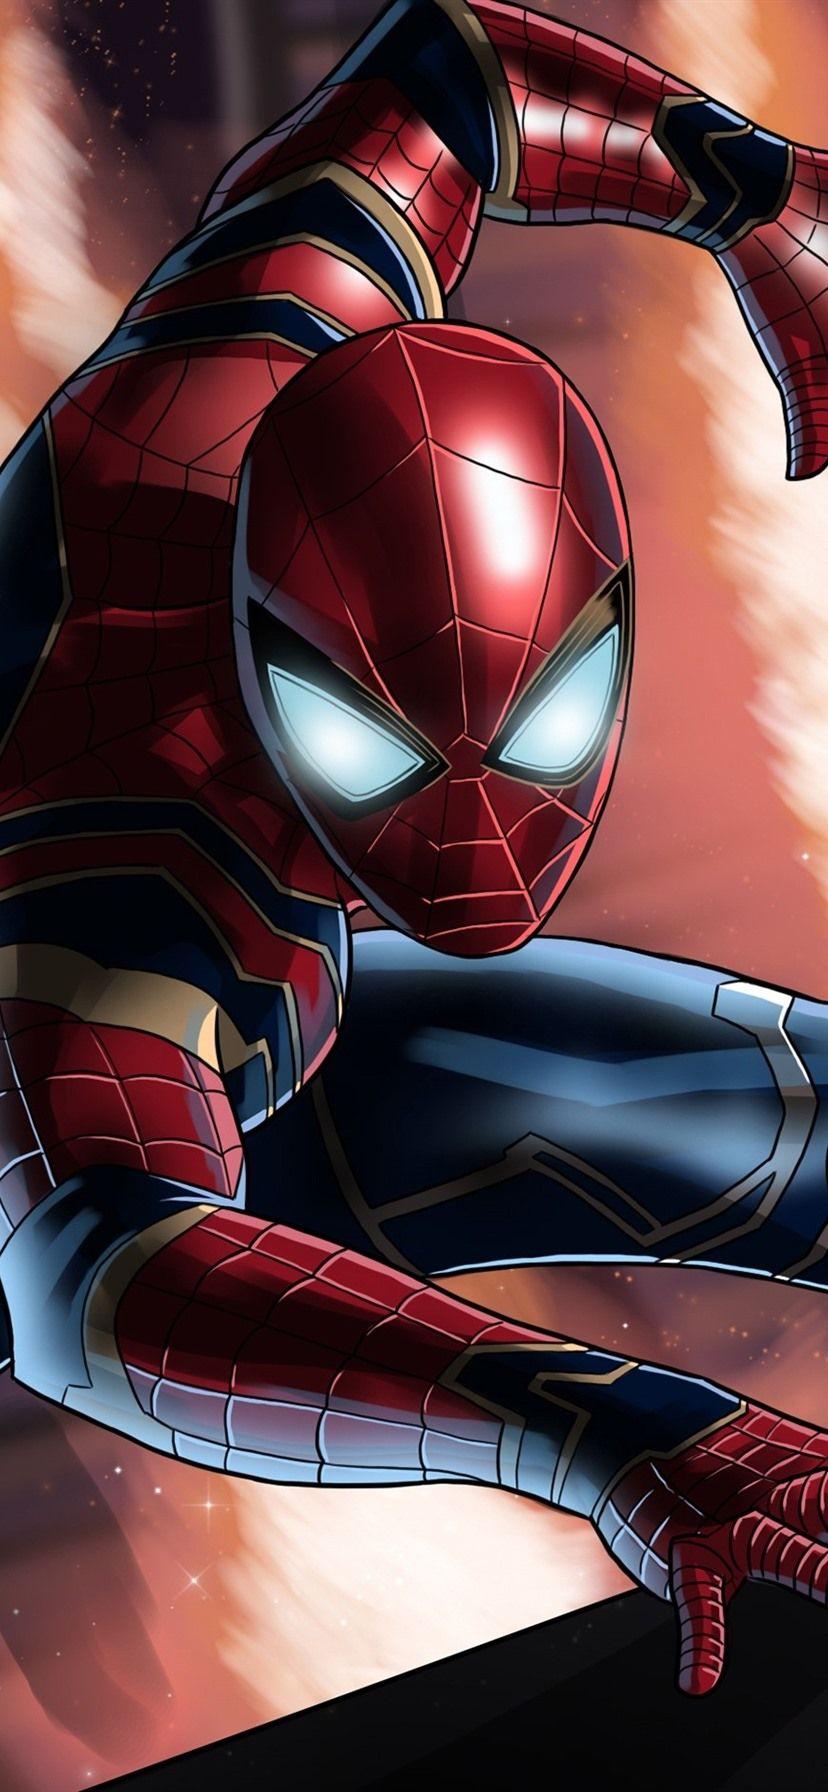 Best Superhero iPhone Wallpapers - Wallpaper Cave